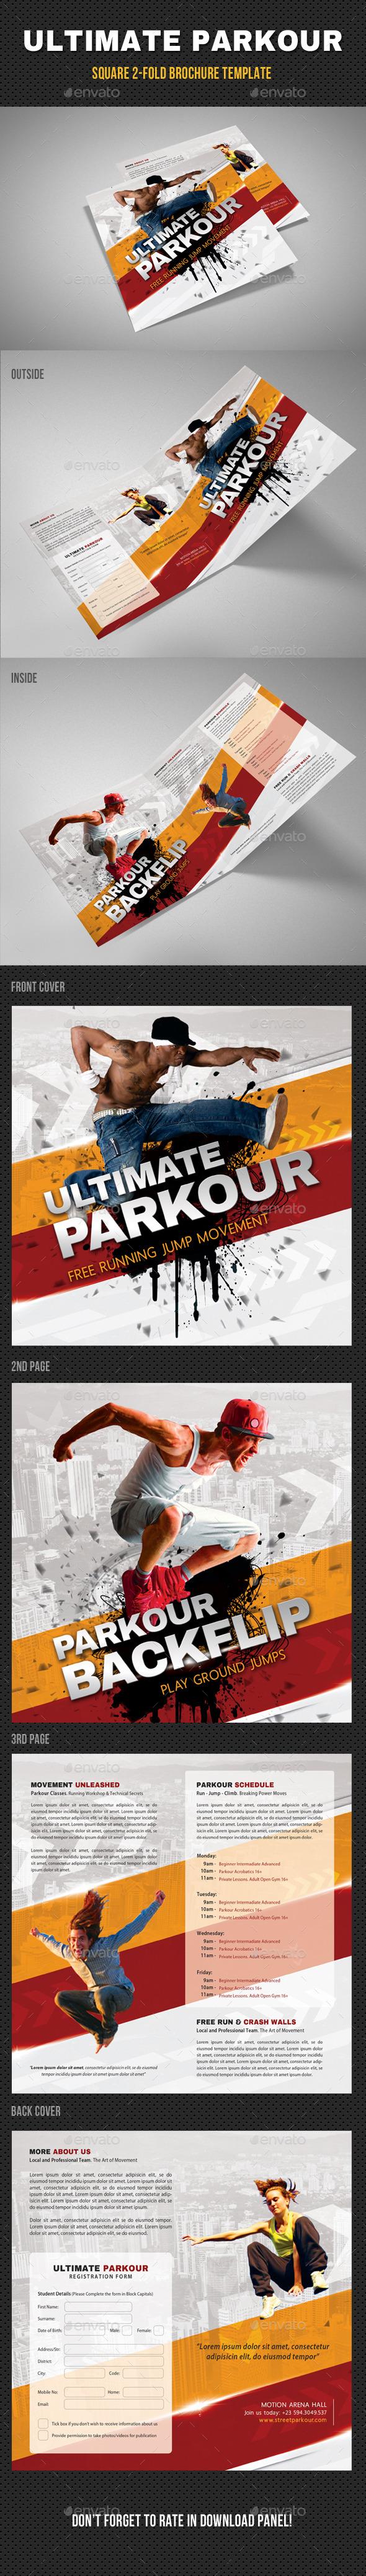 Ultimate Parkour Square 2-Fold Brochure - Informational Brochures